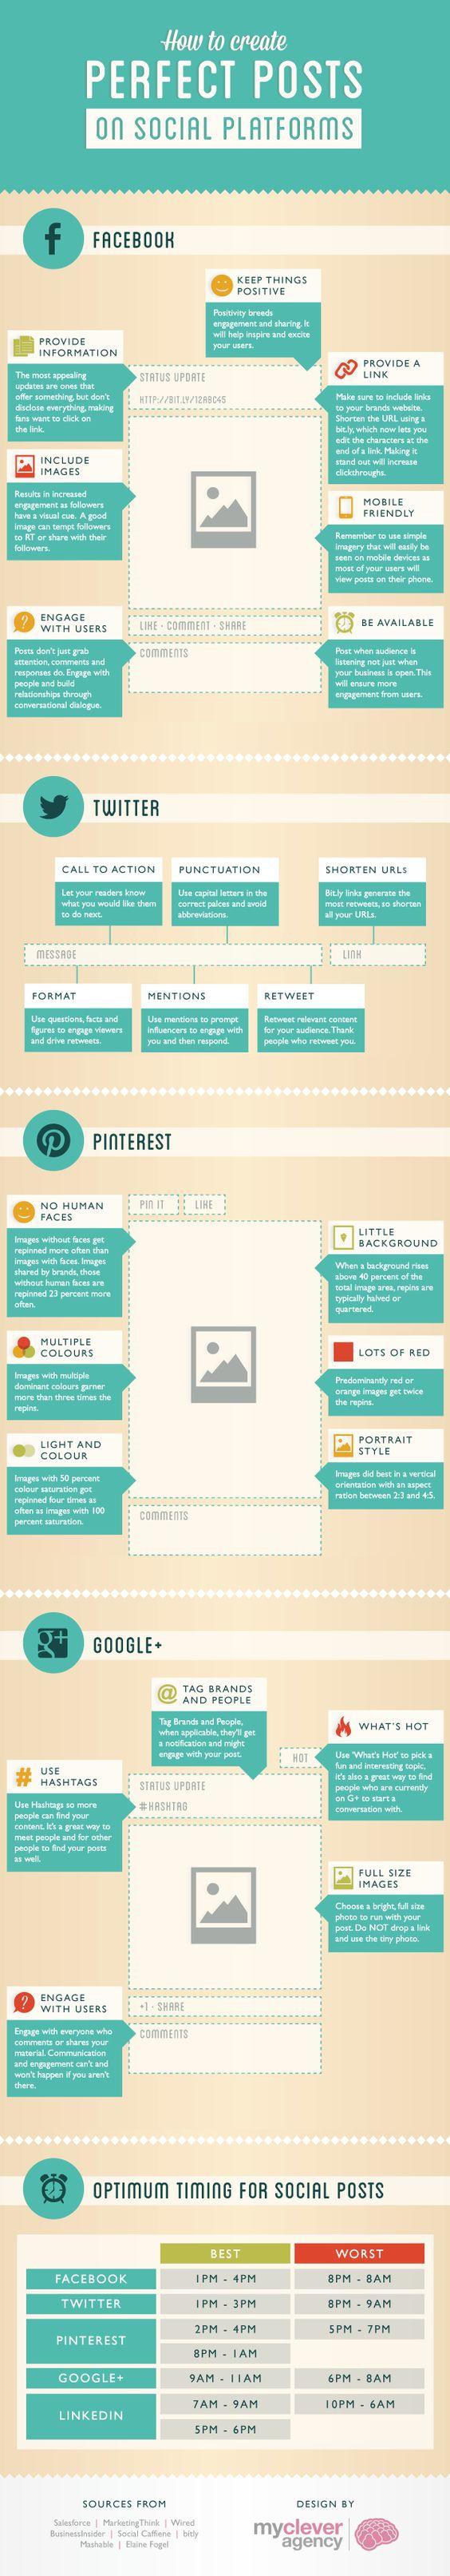 Infographie : comment créer des publications parfaites sur les réseaux sociaux